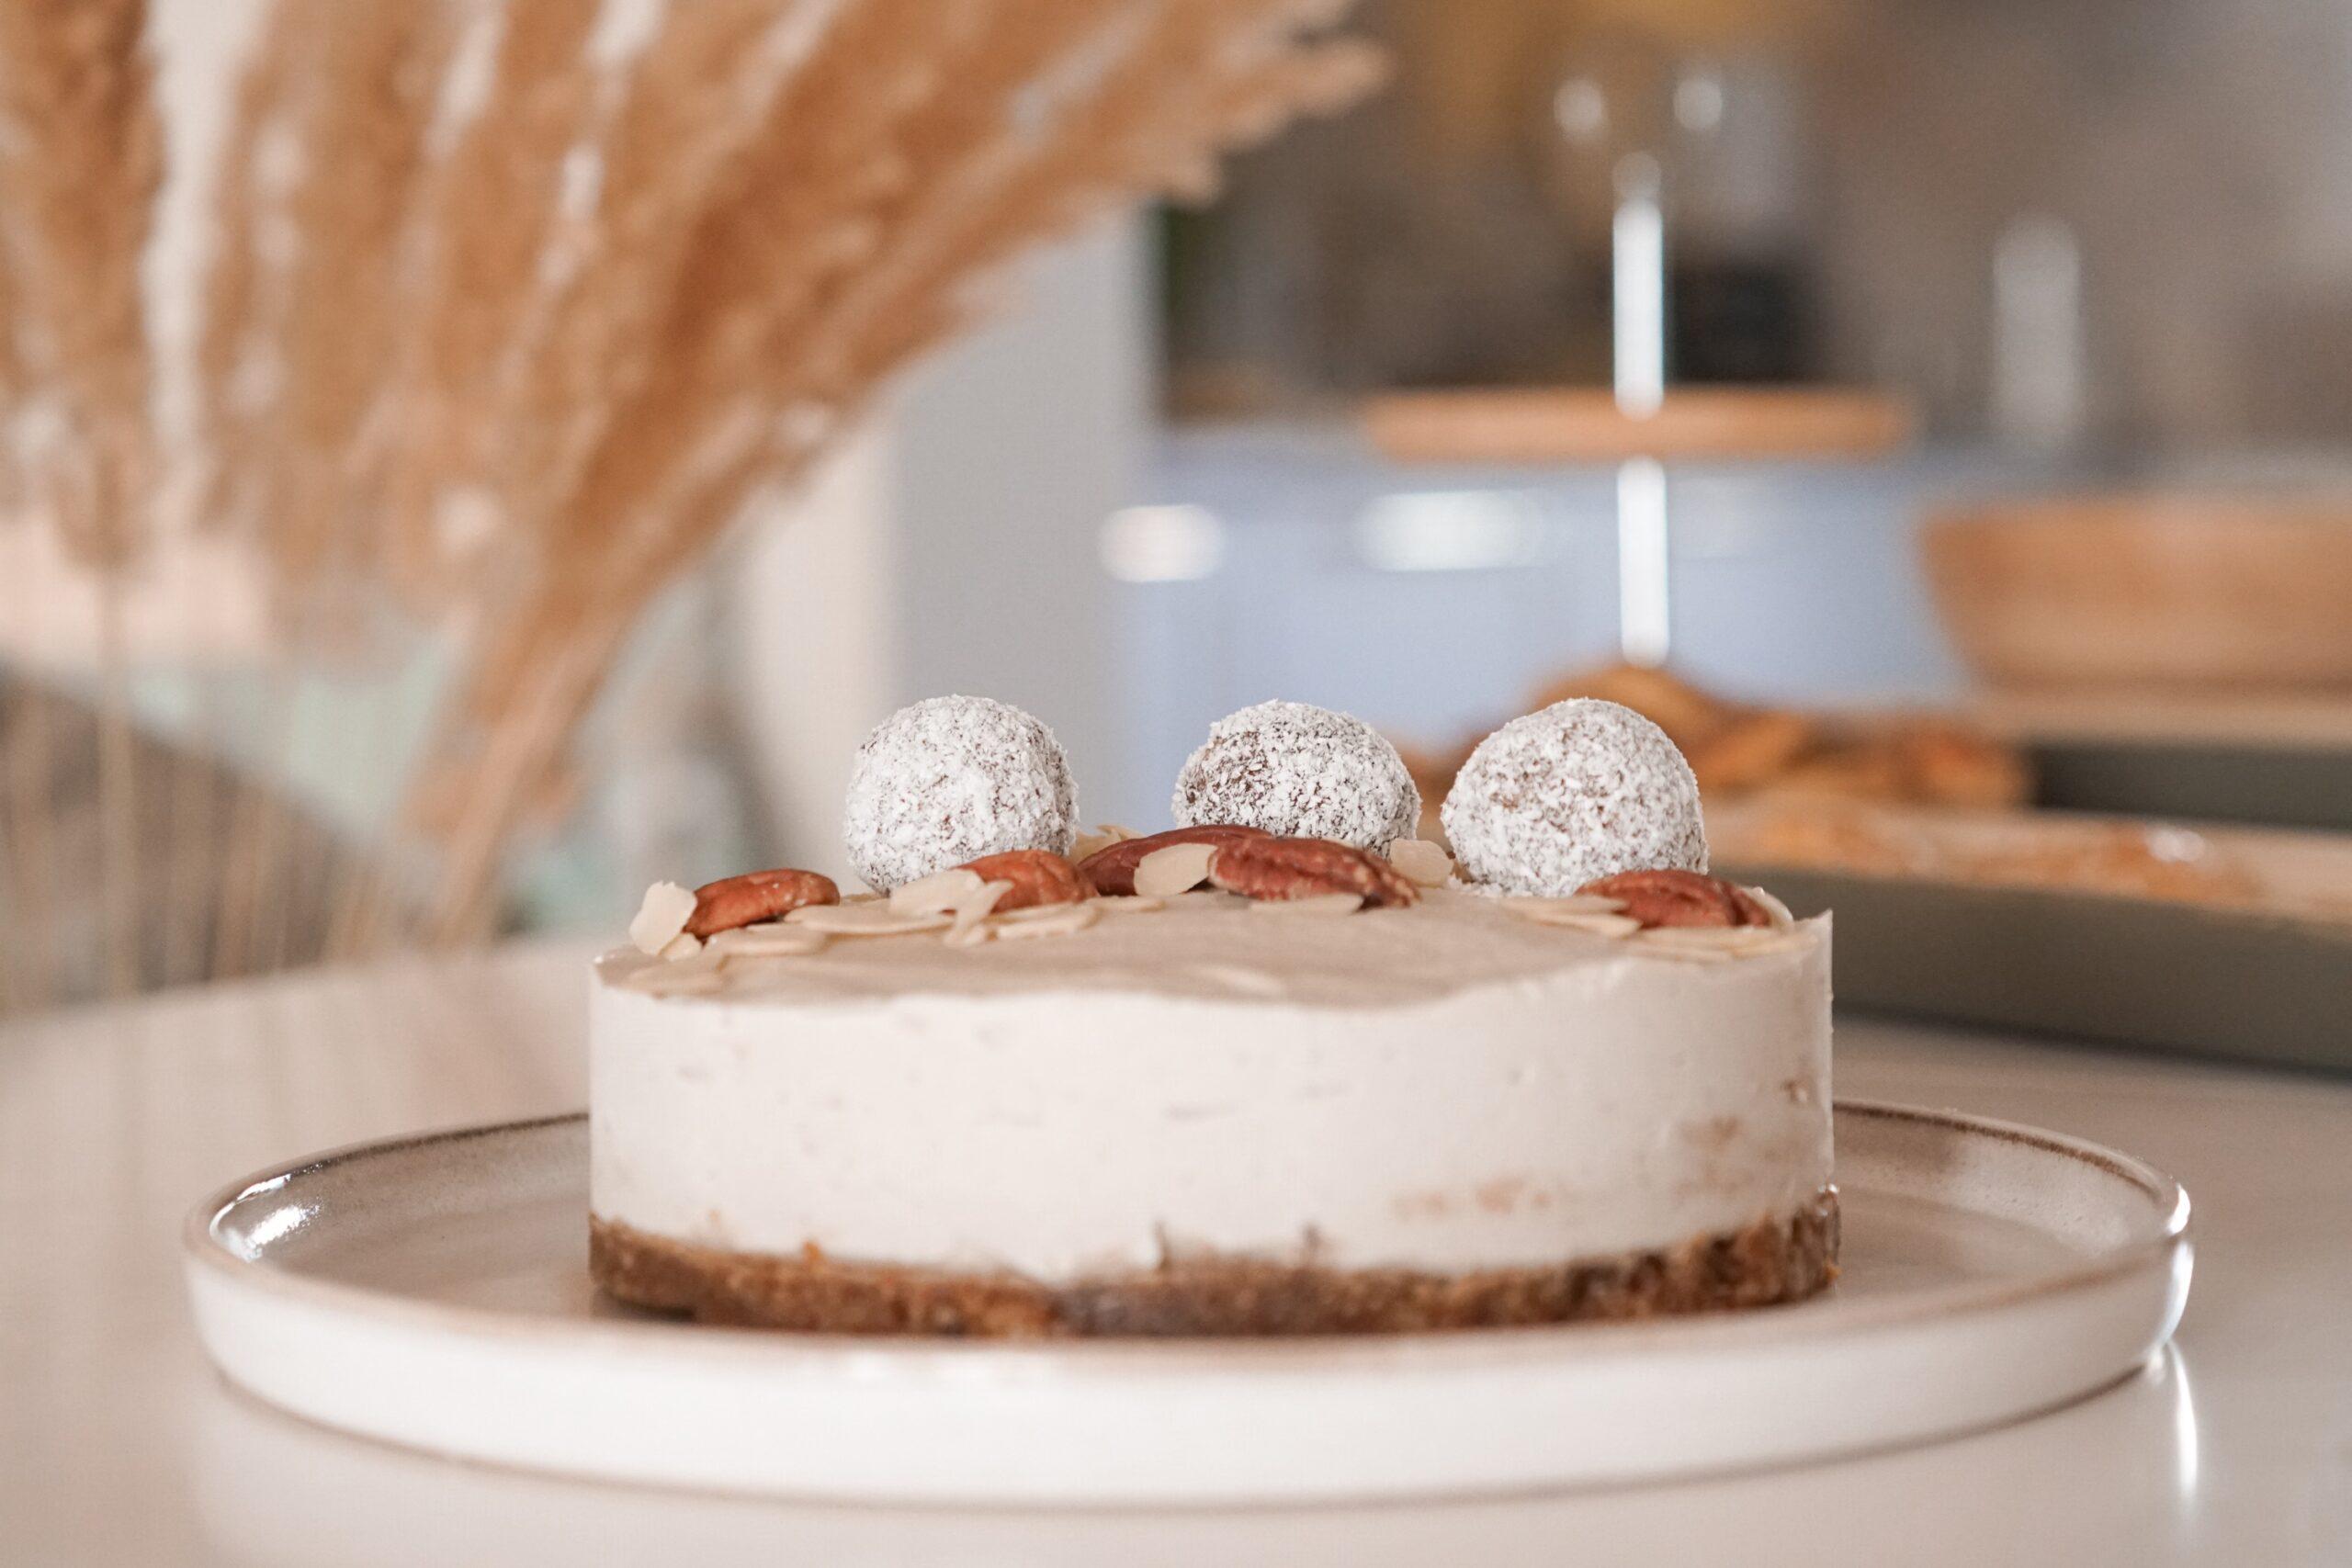 Cheesecake din caju – raw vegan